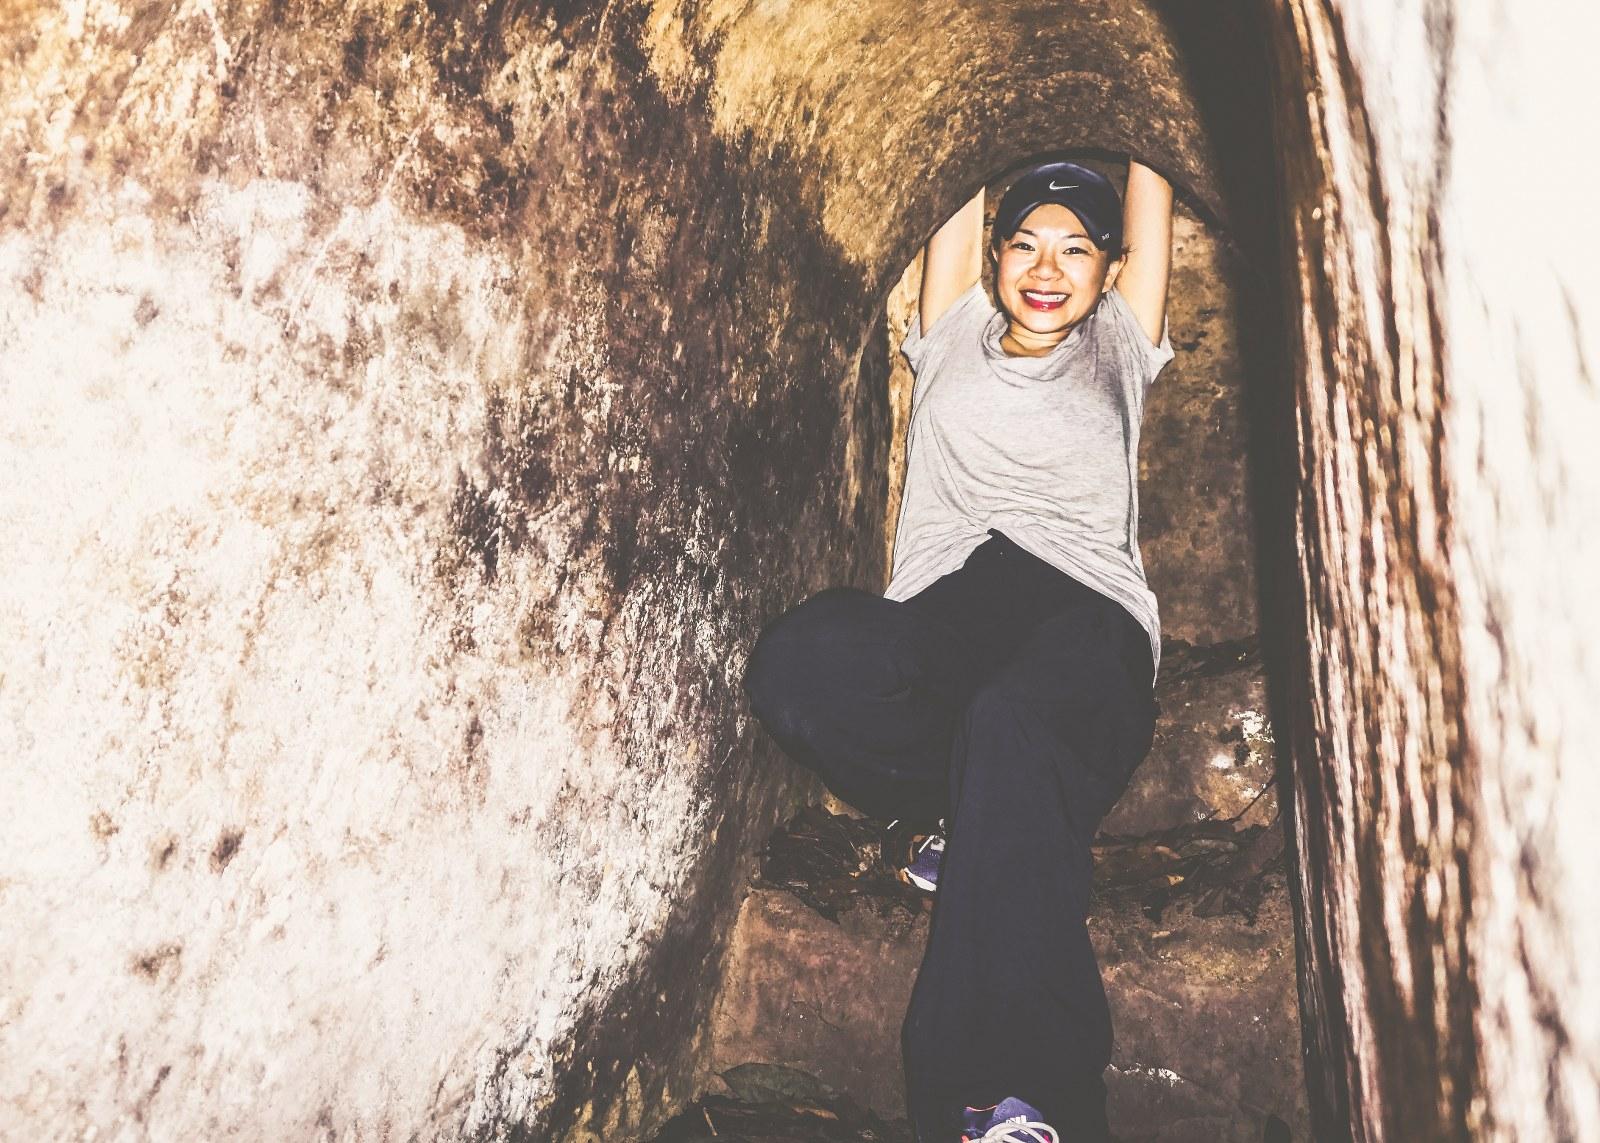 cu chi tunnels cost